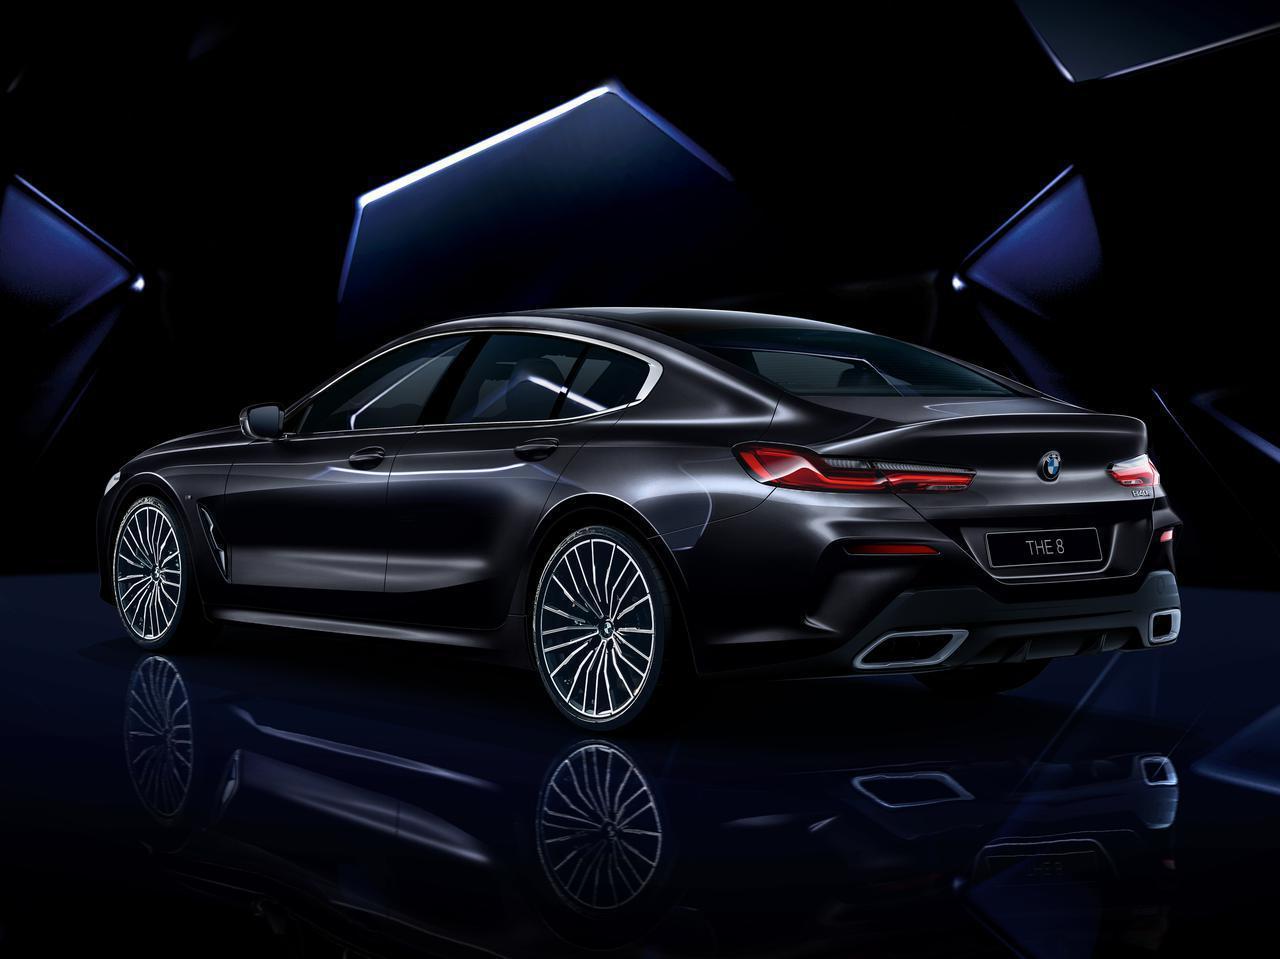 BMW 8シリーズの4ドアクーペ、840iグランクーペに限定車「コレクターズ エディション」登場